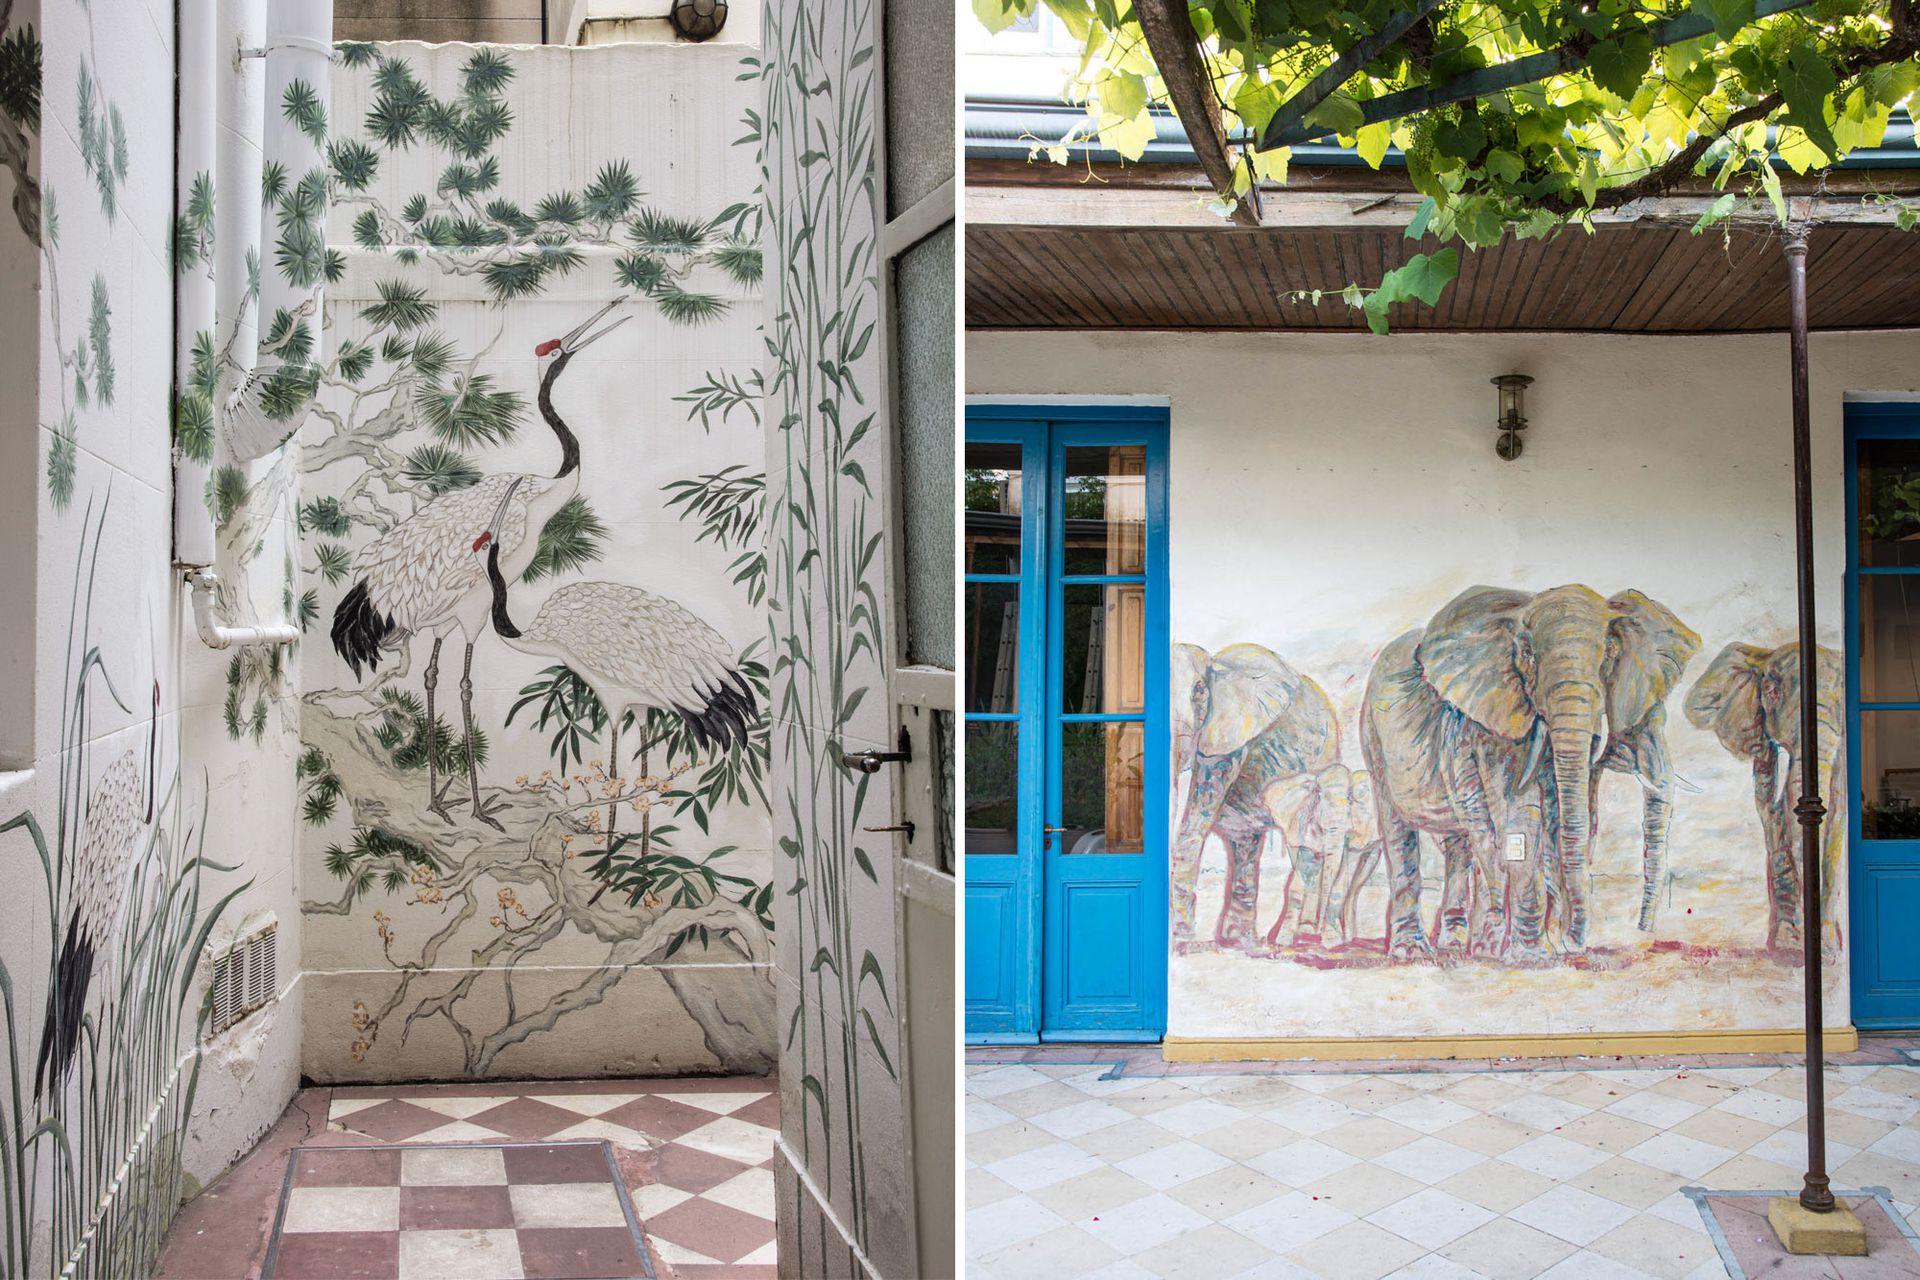 Izquierda: Bambúes y pájaros habitan y le dan vida al patio interno del taller de la artista plástica Cecilia Ibarguren. Con un estilo oriental, los trazos colonizan el pequeño espacio y disimulan los caños y salientes de las paredes. Derecha: Una familia de elefantes, obra del arquitecto Bernardo Ezcurra, sorprende con originalidad en la galería de una casa chorizo, construida a principios de siglo XX.